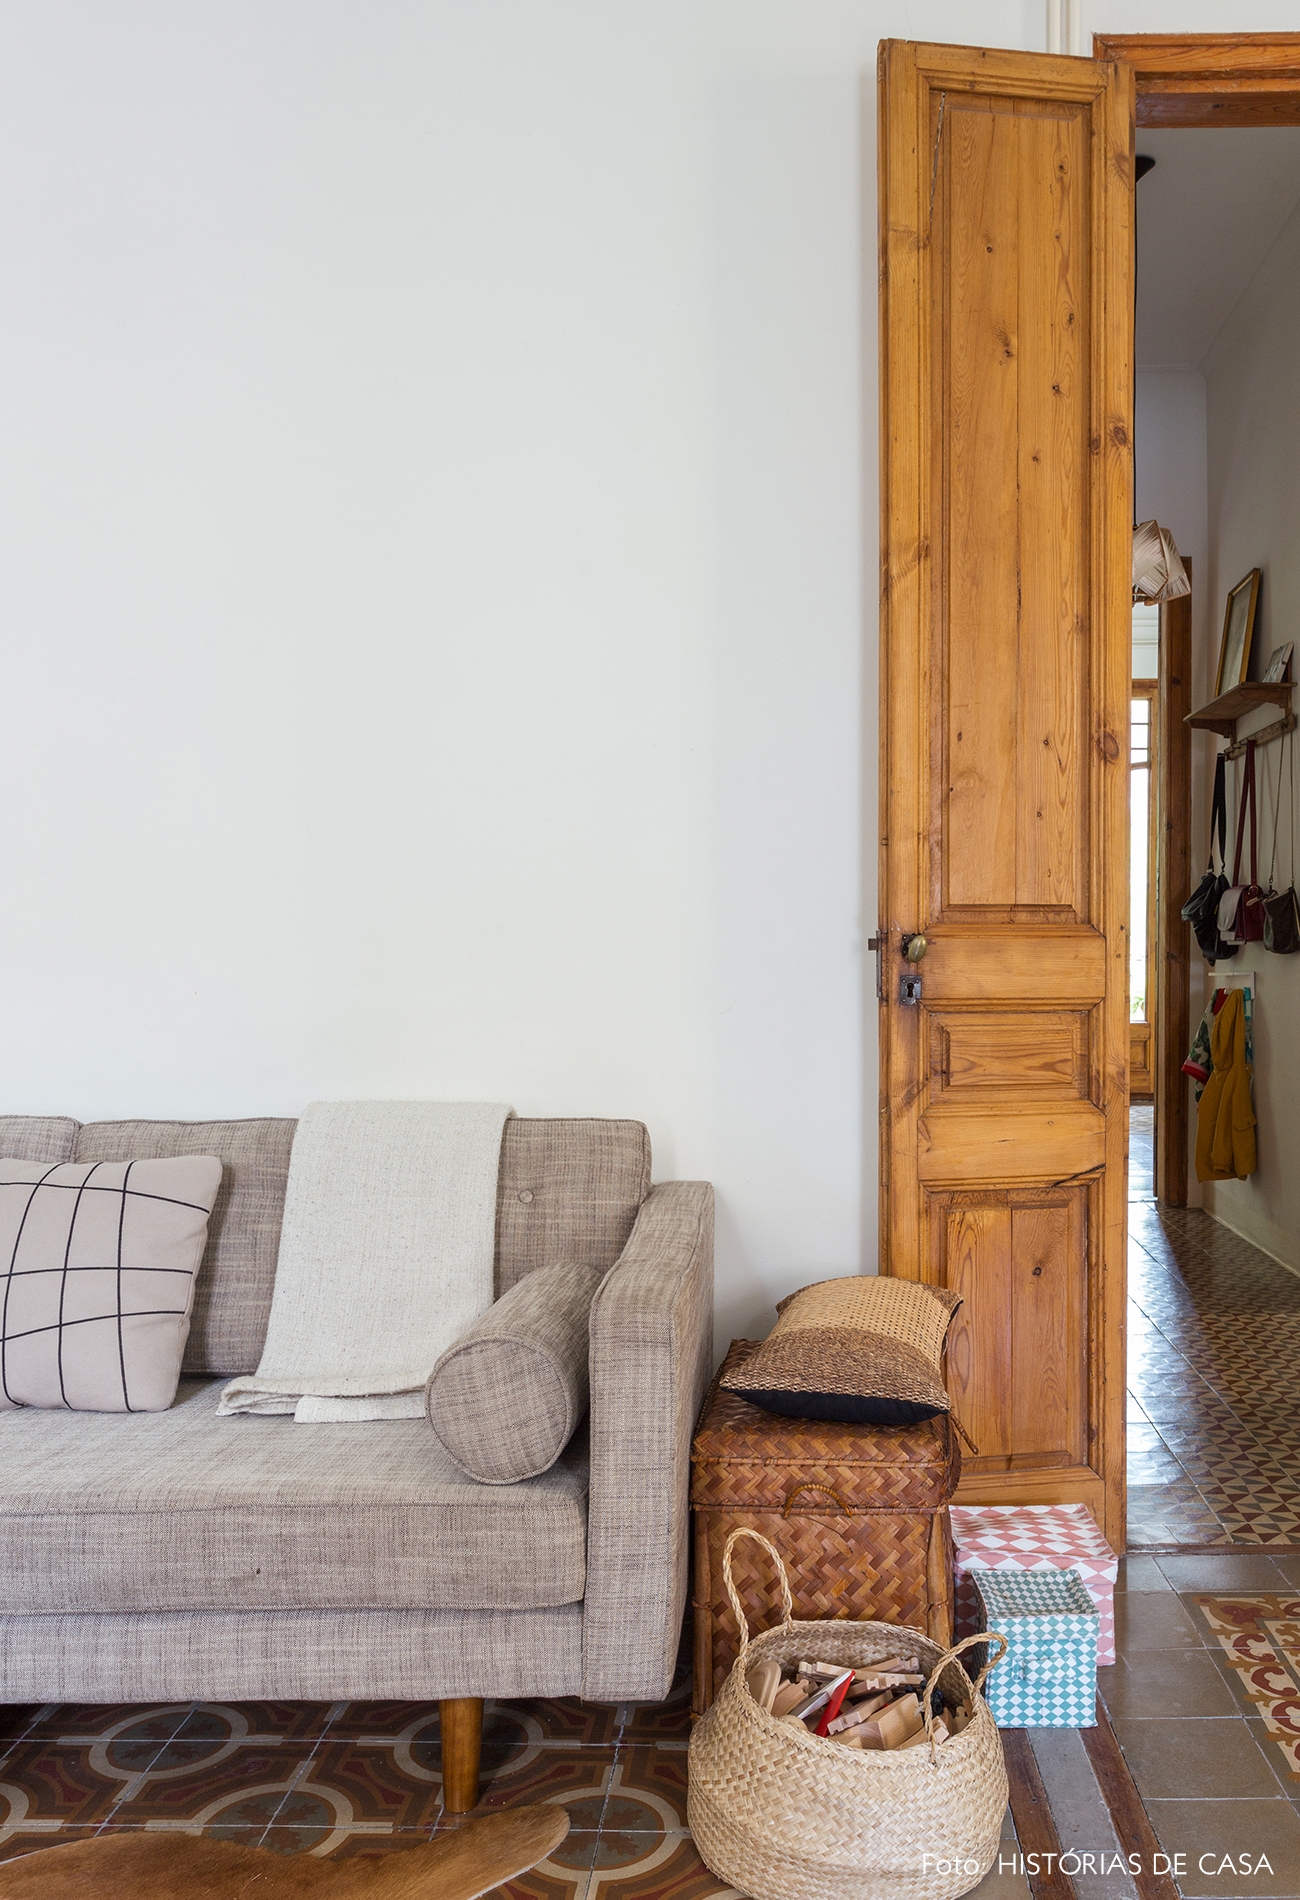 Portas de madeira e cestos na lateral do sofá